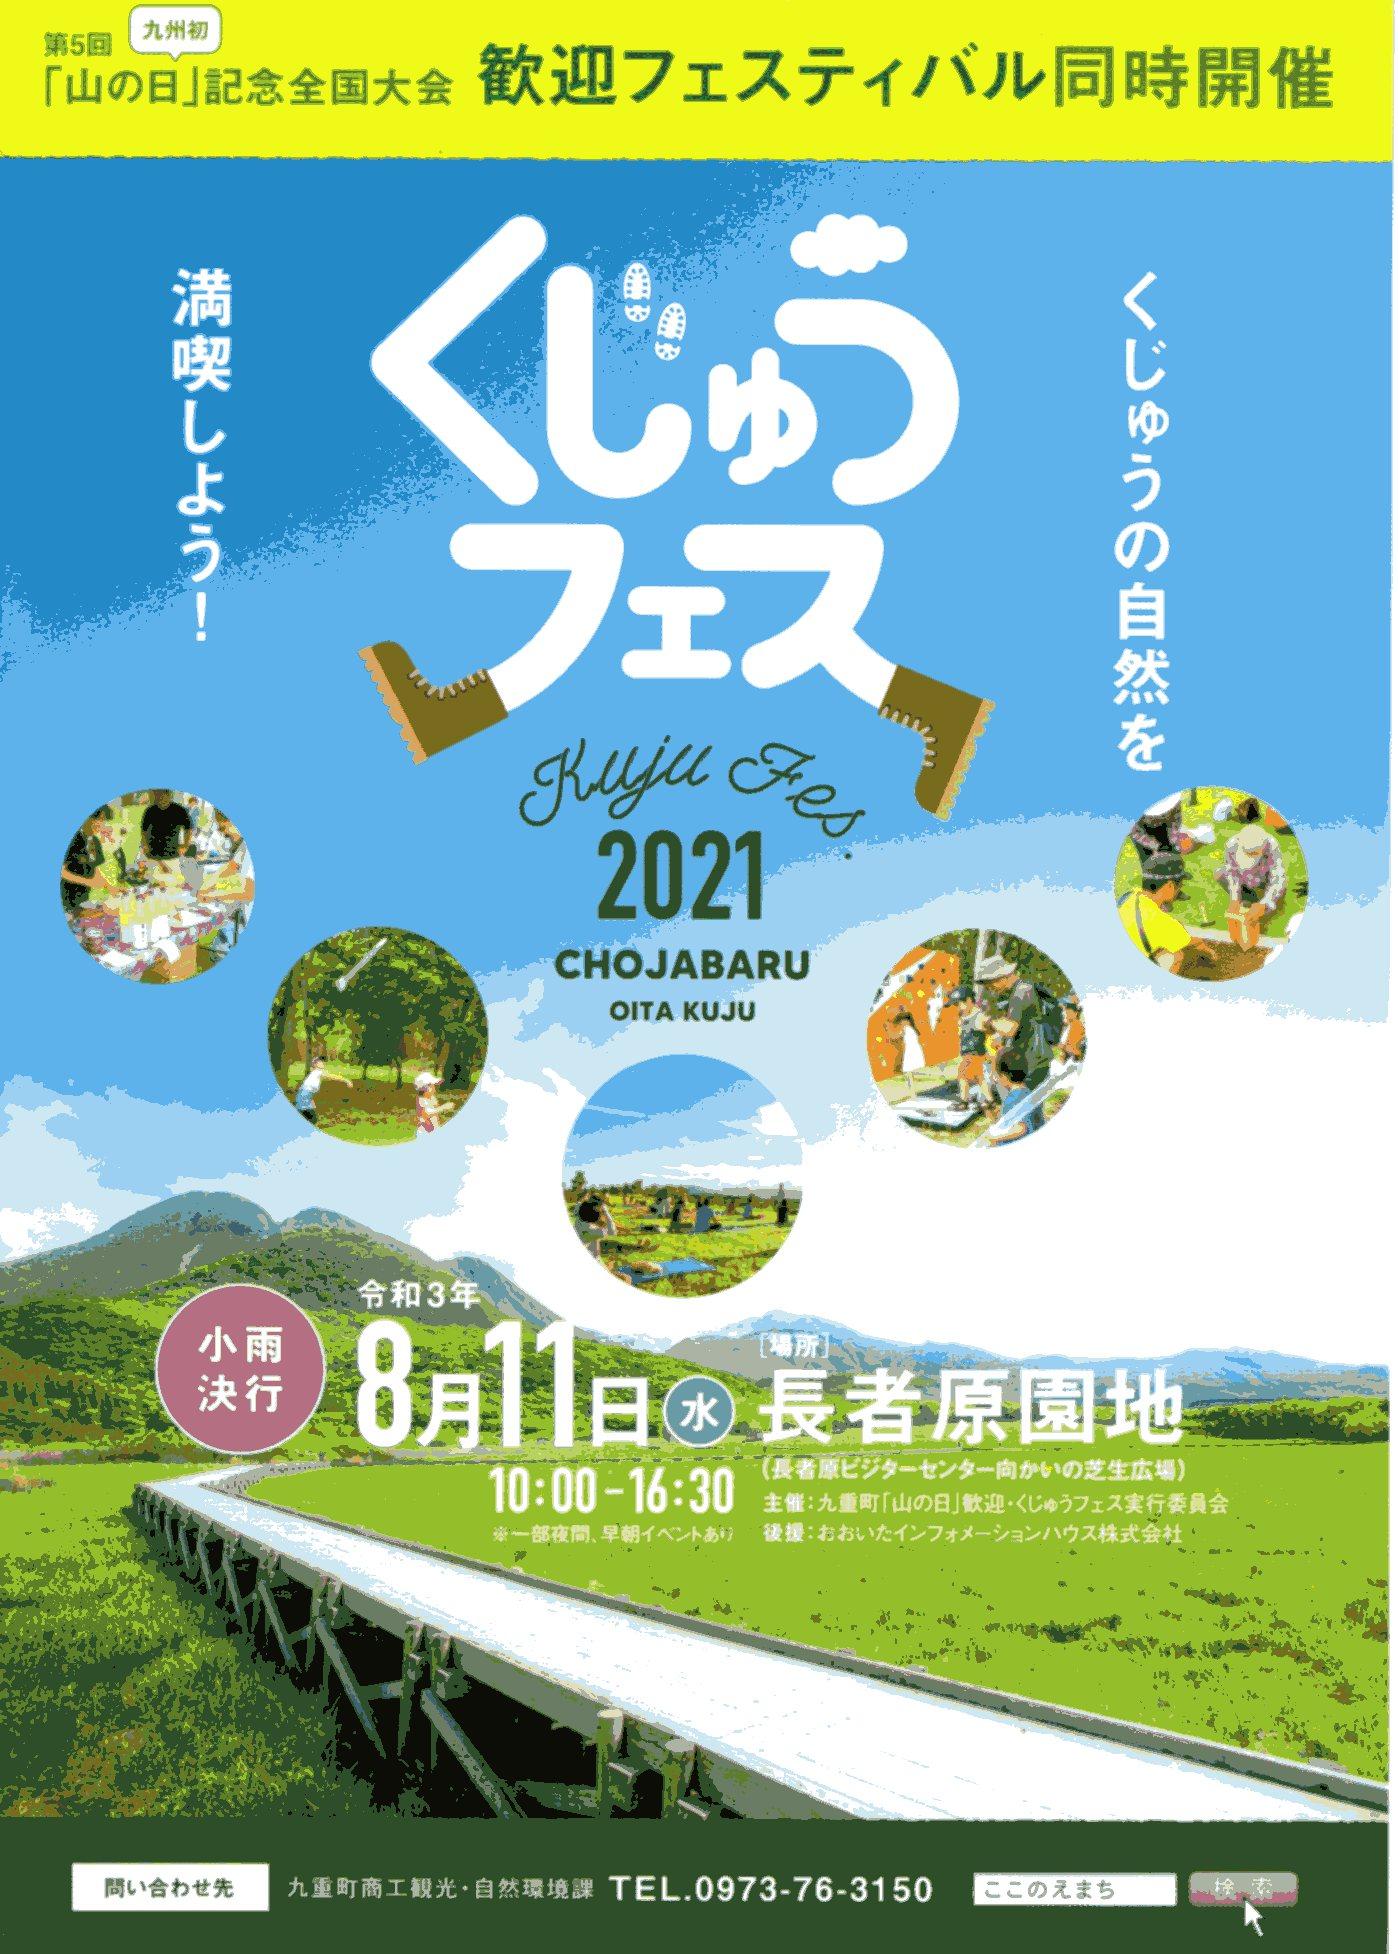 くじゅうフェス2021